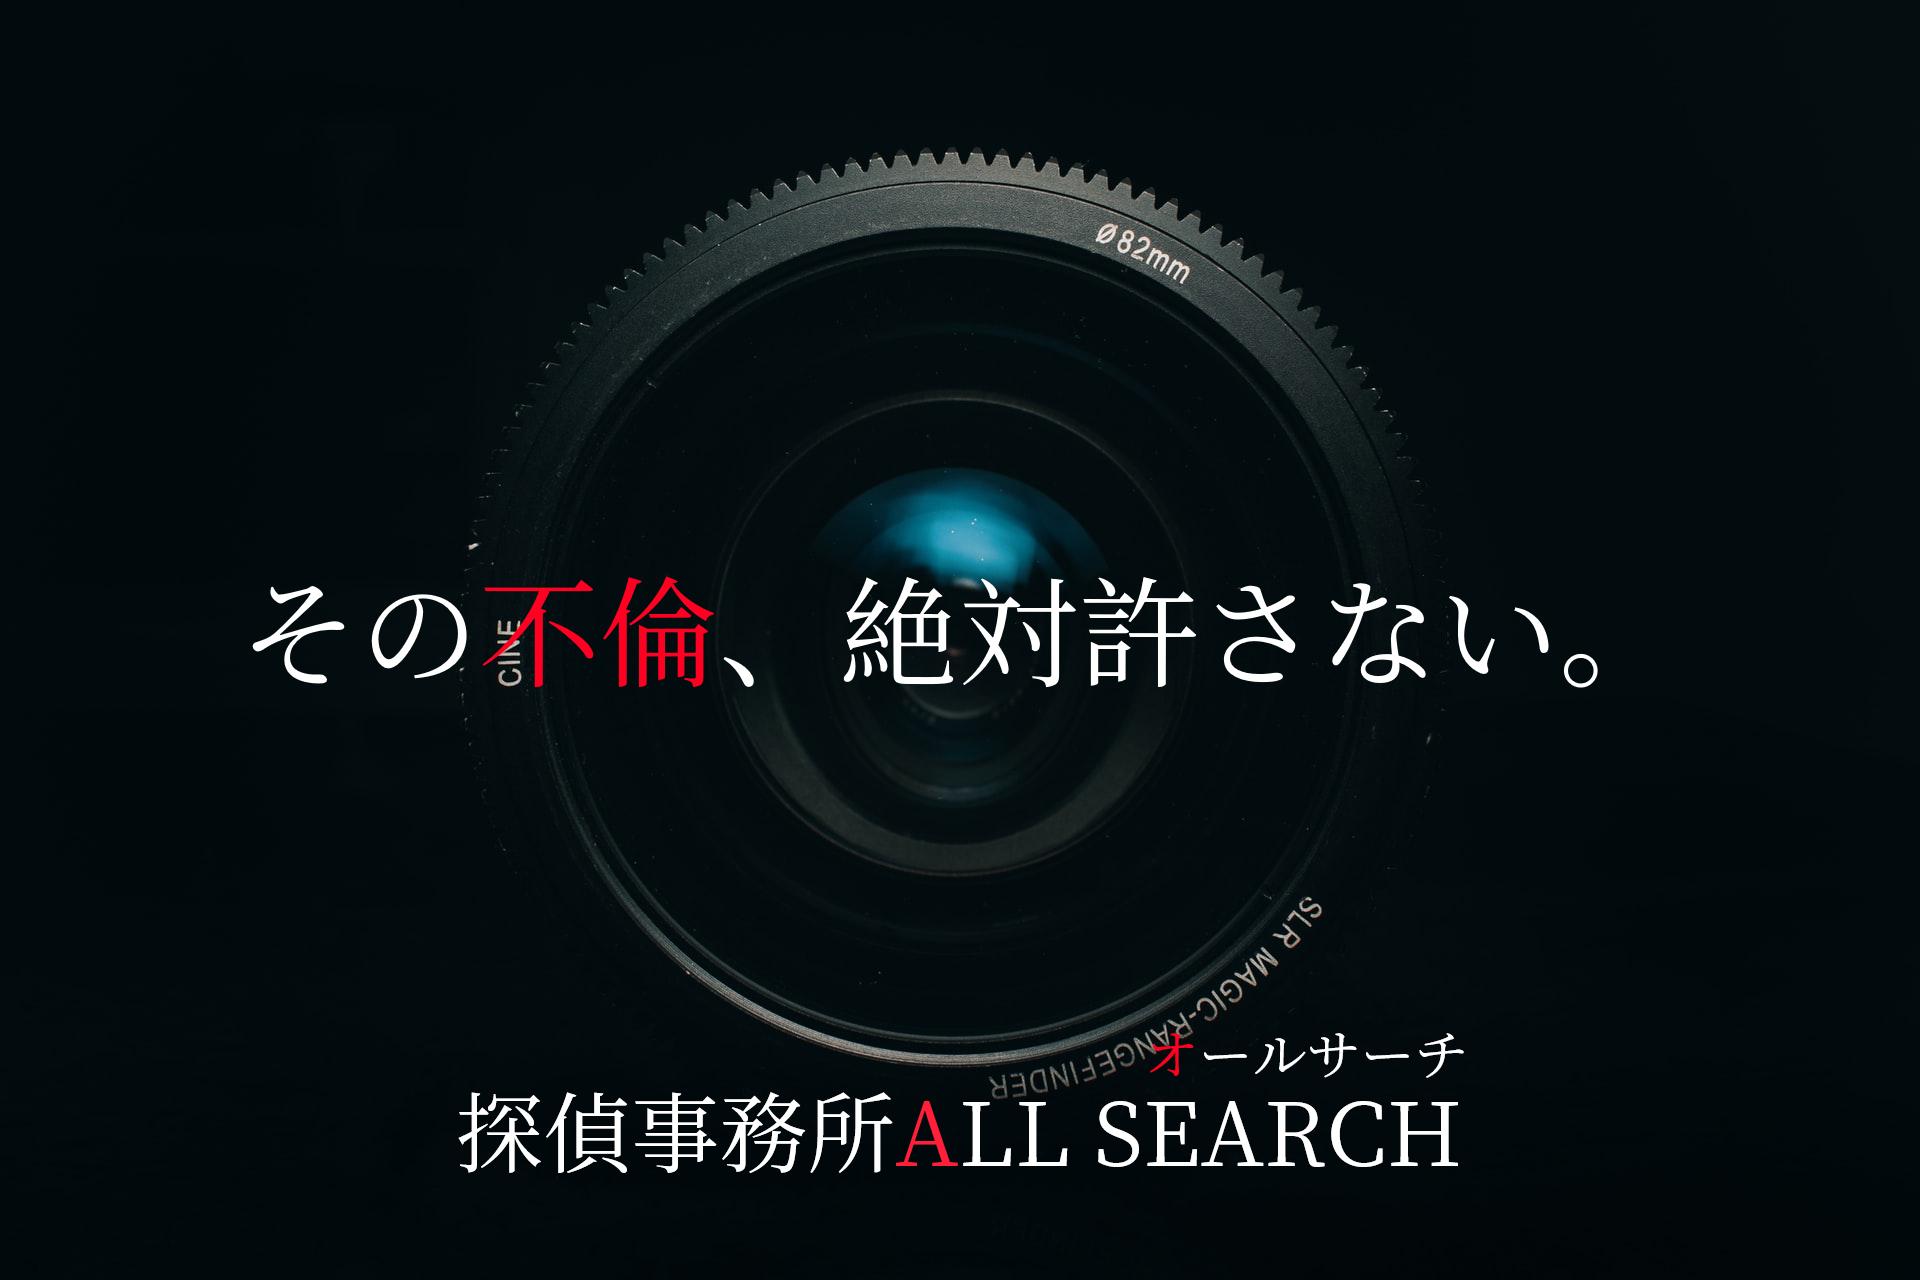 浜松市・掛川市での浮気調査・不倫調査なら探偵事務所オールサーチで!